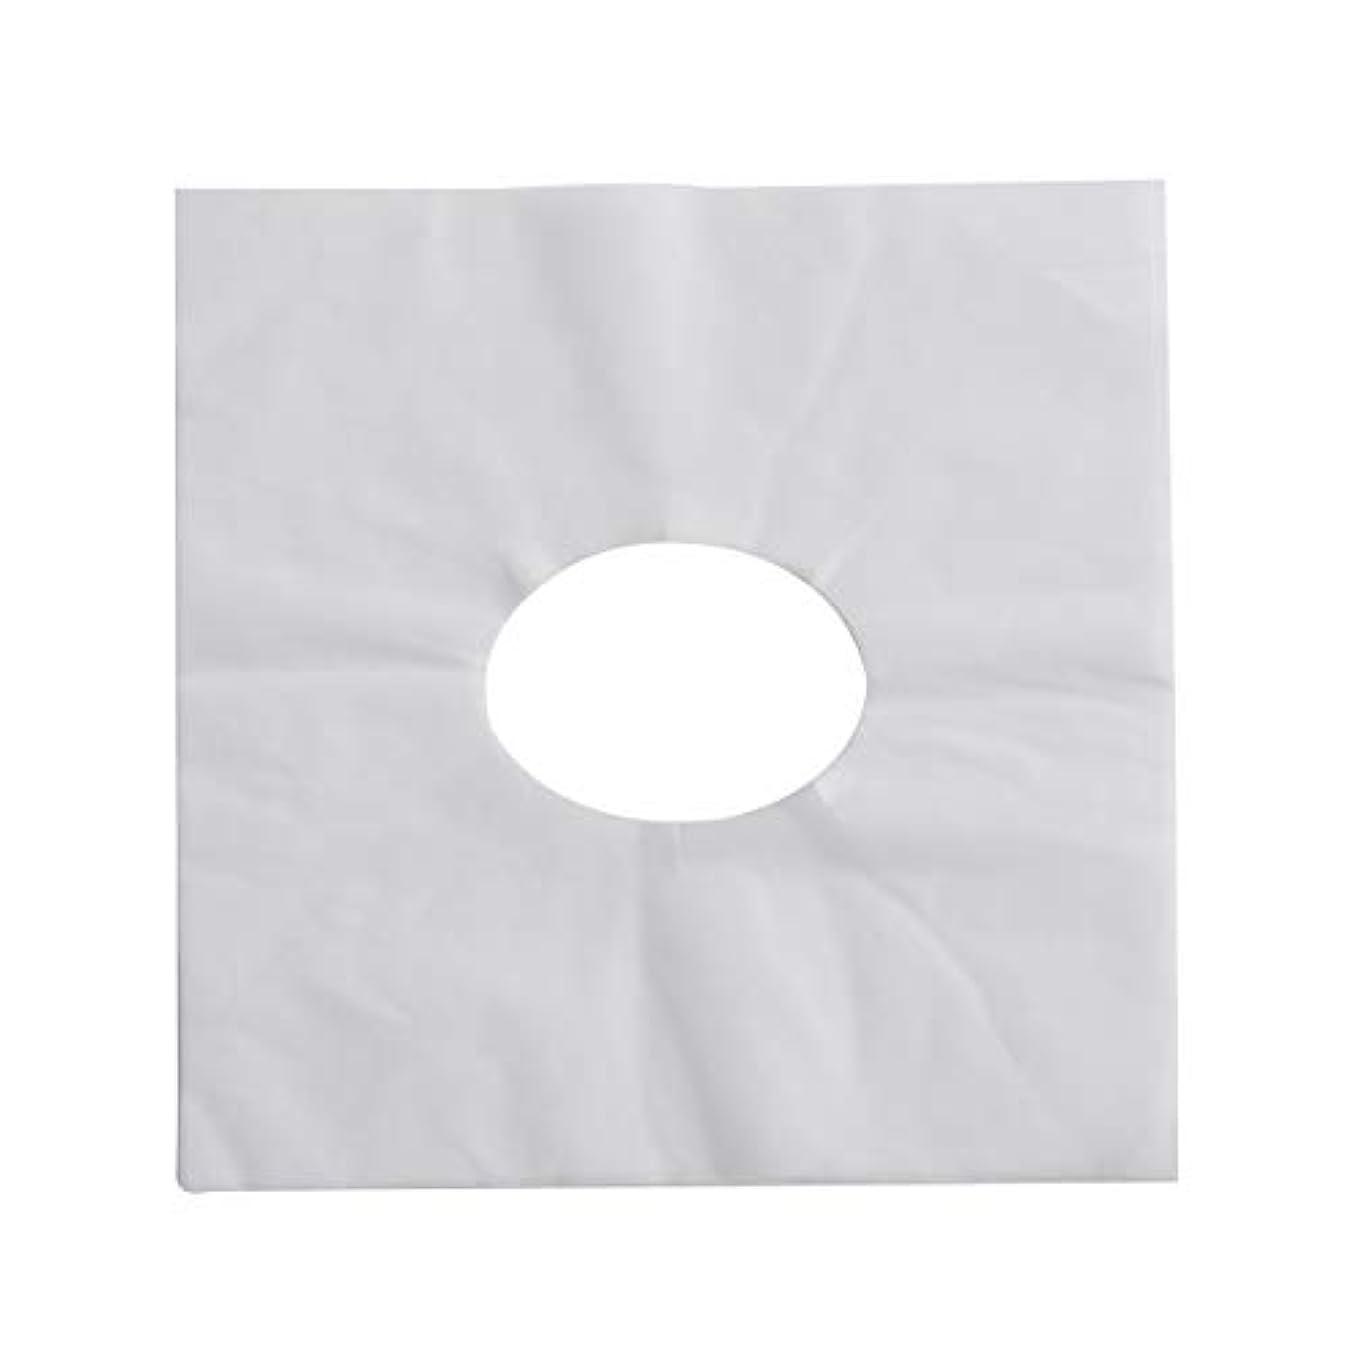 適応に対処する不器用SUPVOX 100ピース使い捨てマッサージフェイスクレードルカバーフェイスマッサージヘッドレストカバー用スパ美容院マッサージ(ホワイト)